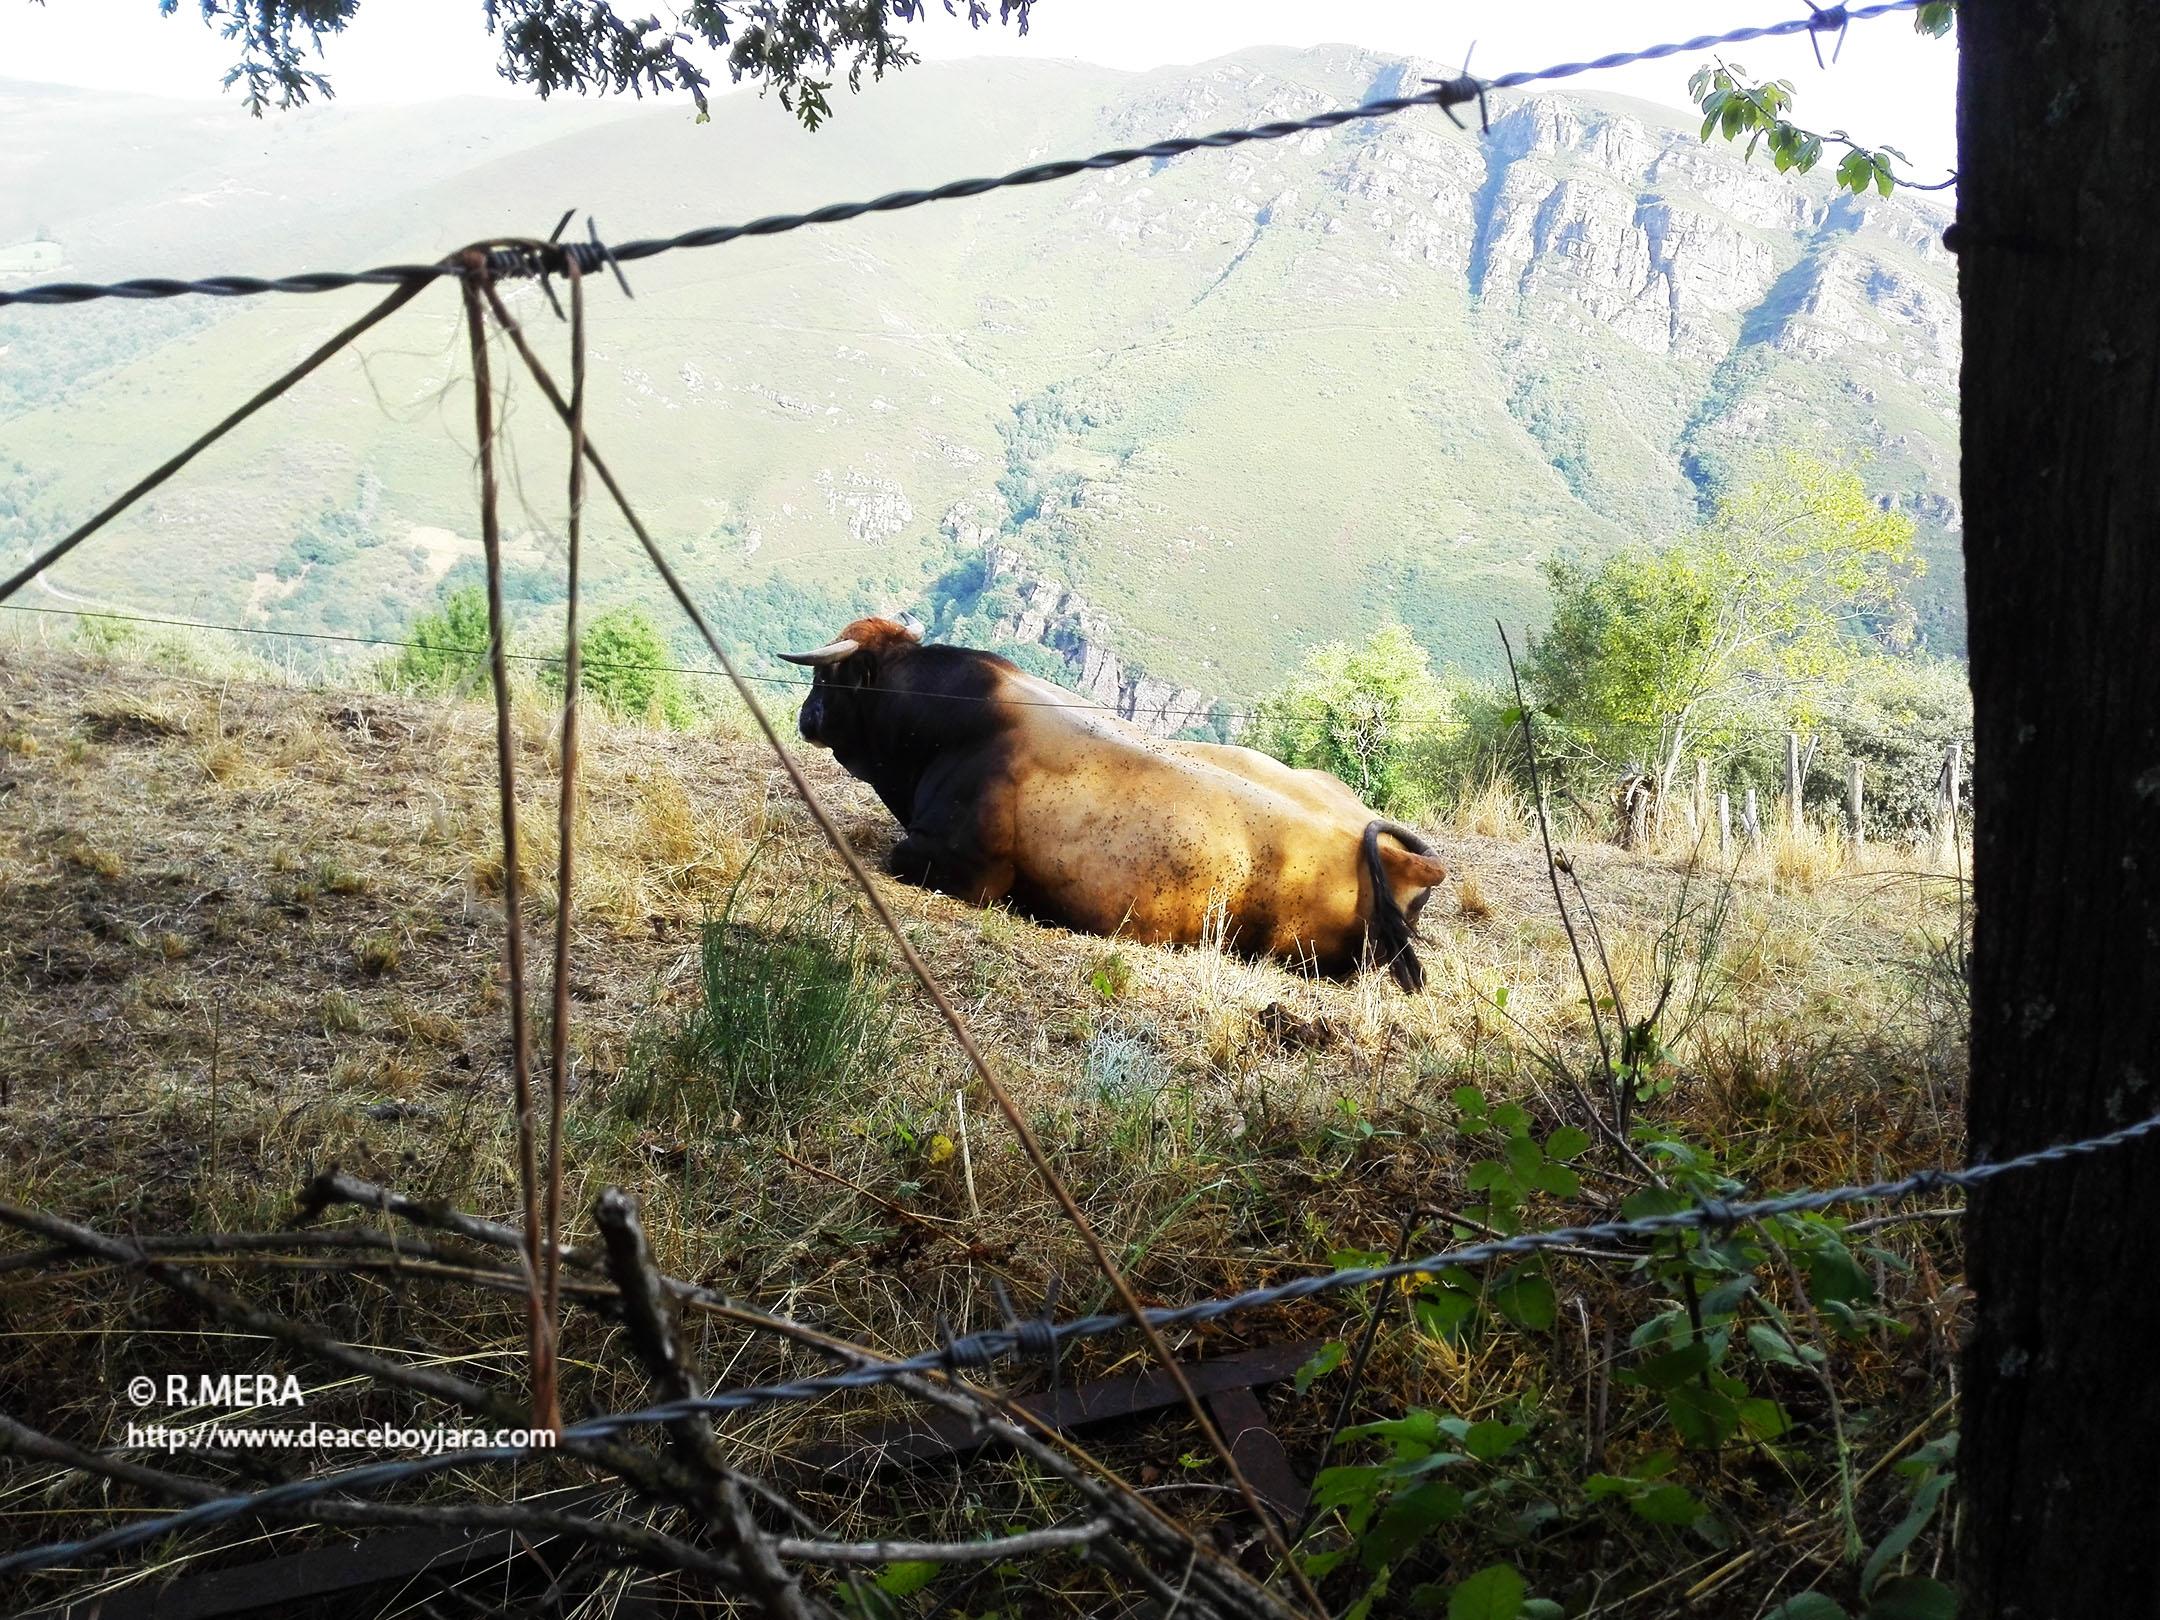 La foto y su pie: Soledad bovina